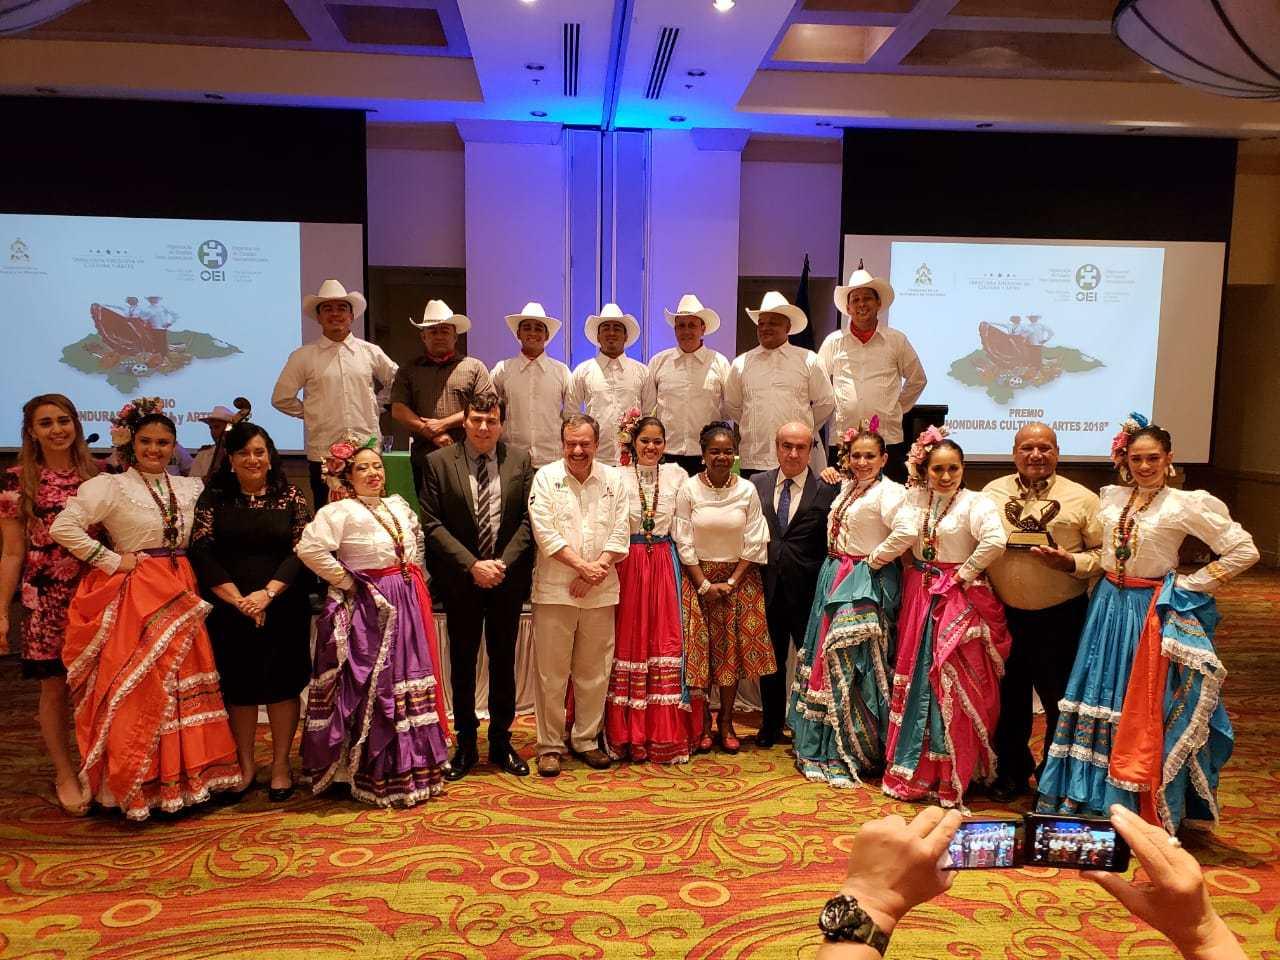 Convocatoria a premios «Honduras Cultura y Artes 2019»